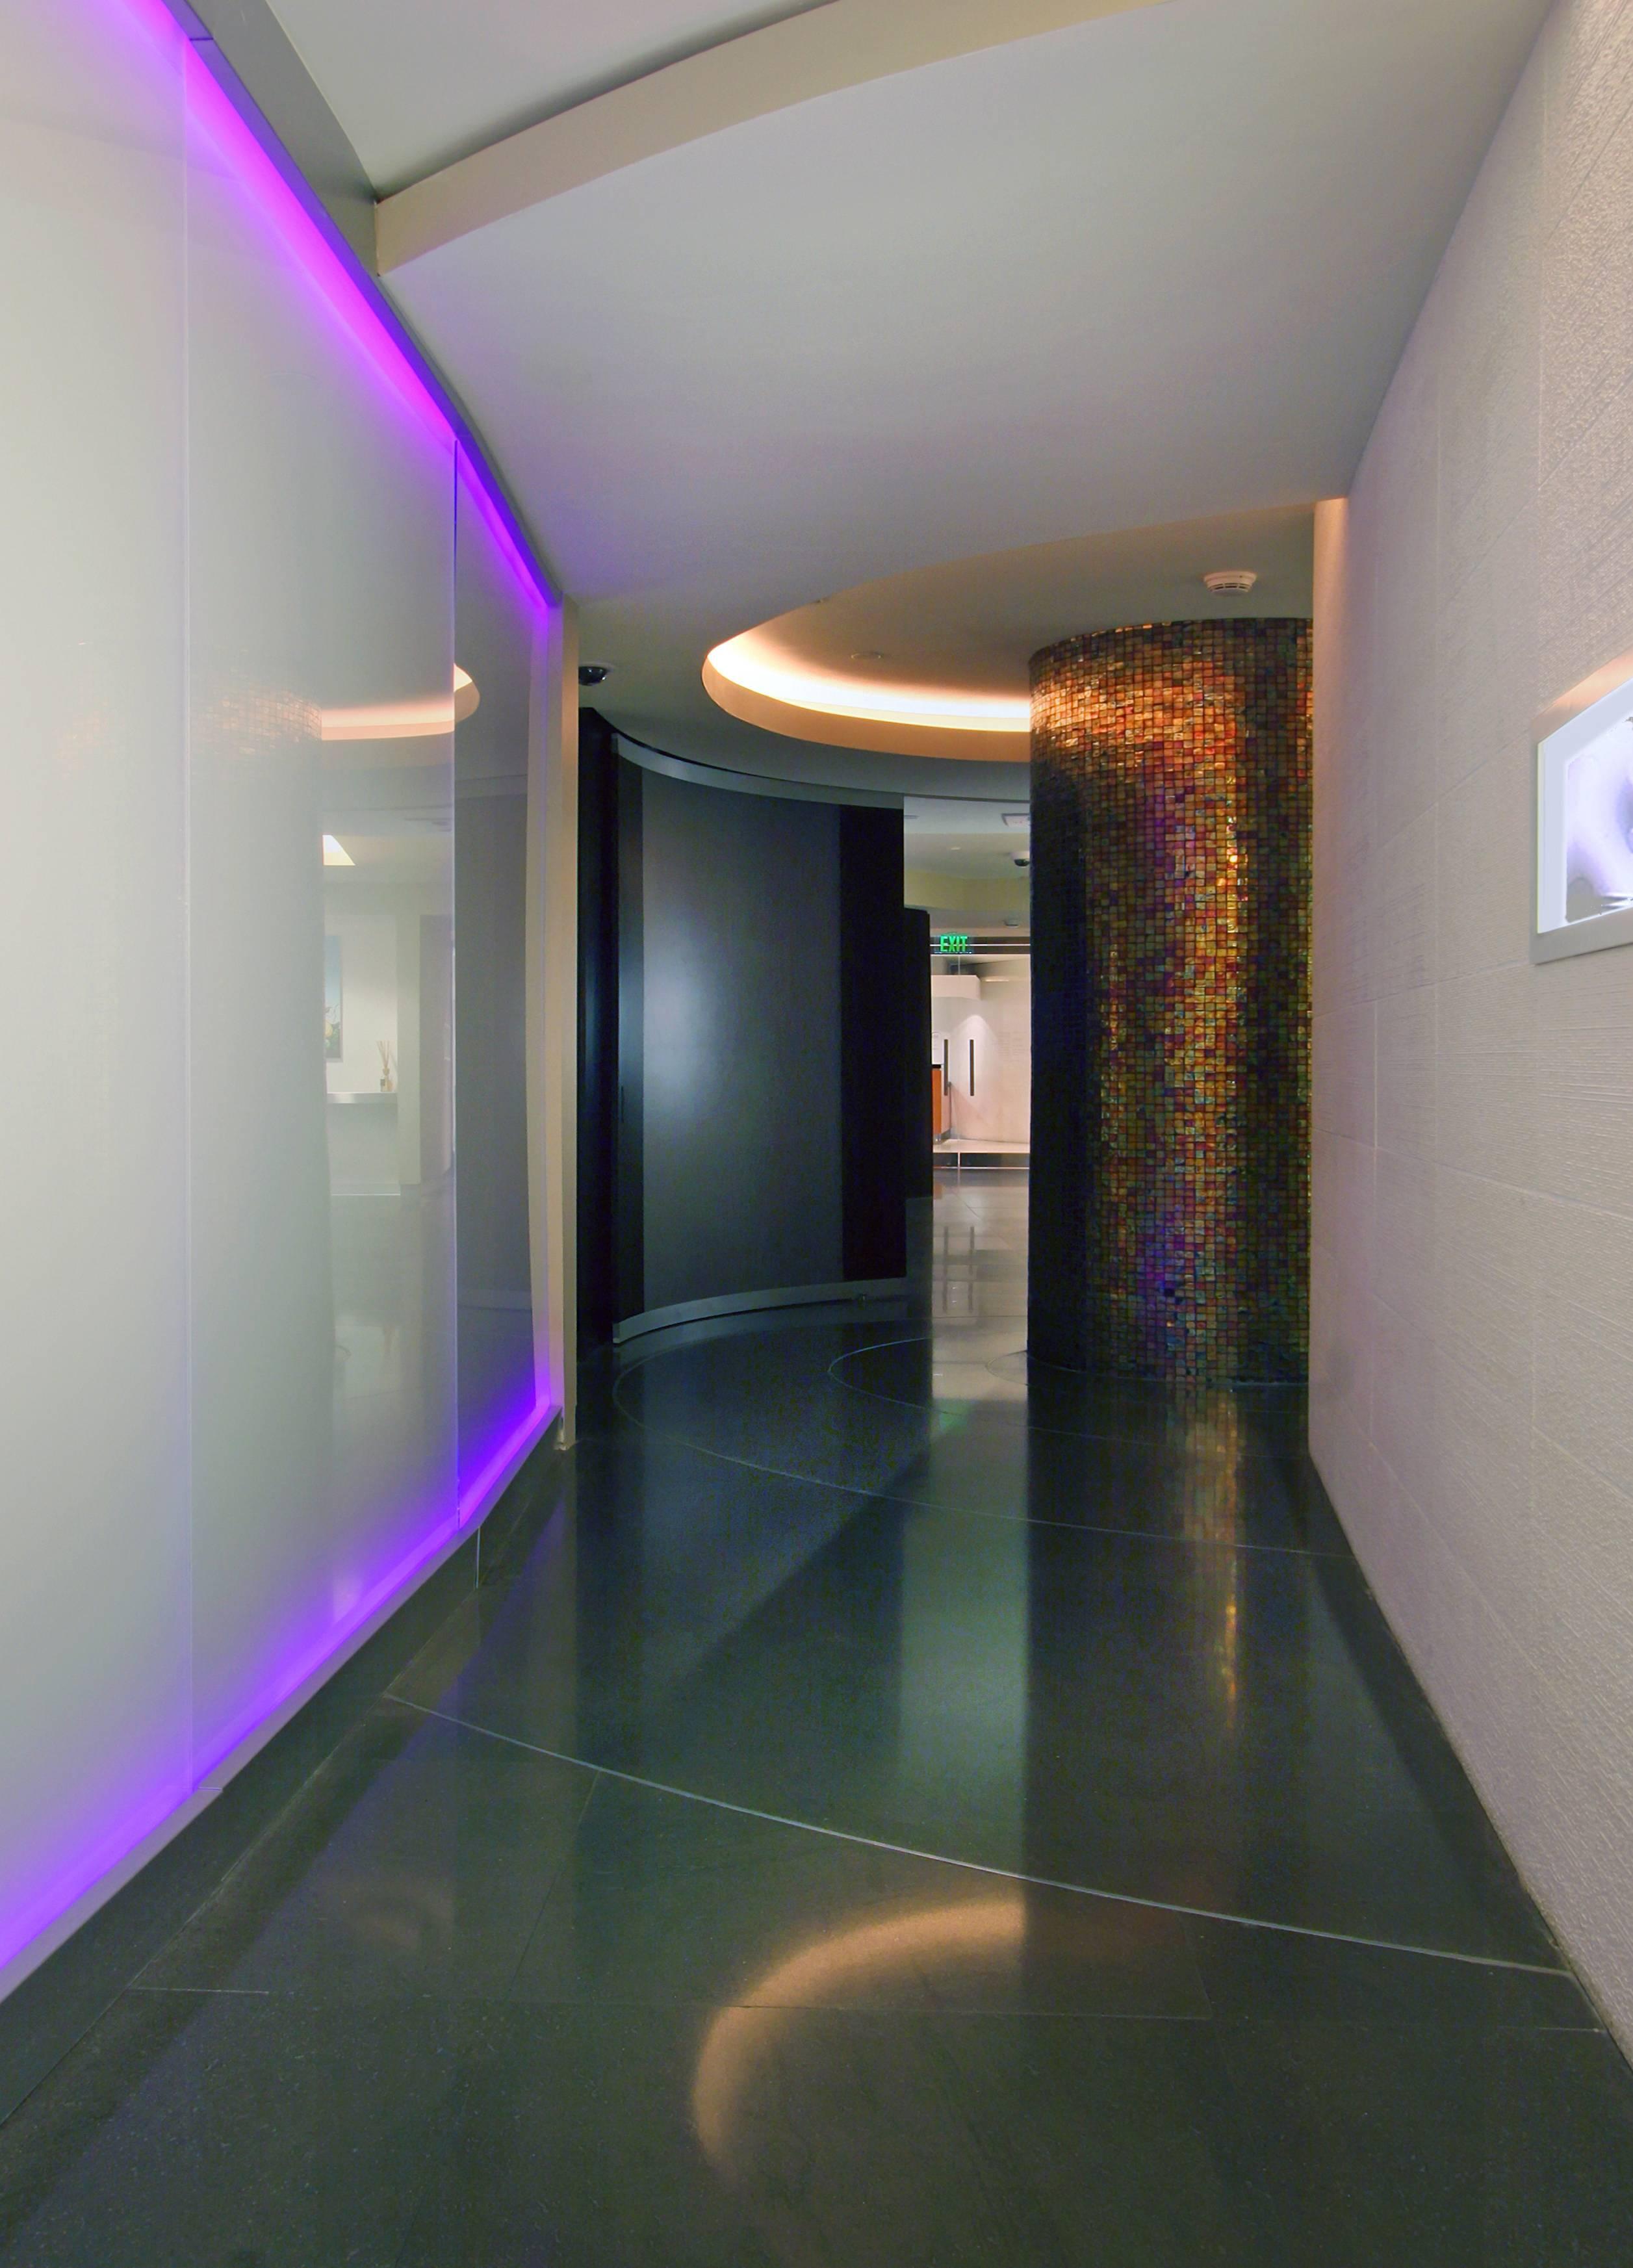 Corridor at node towards entry